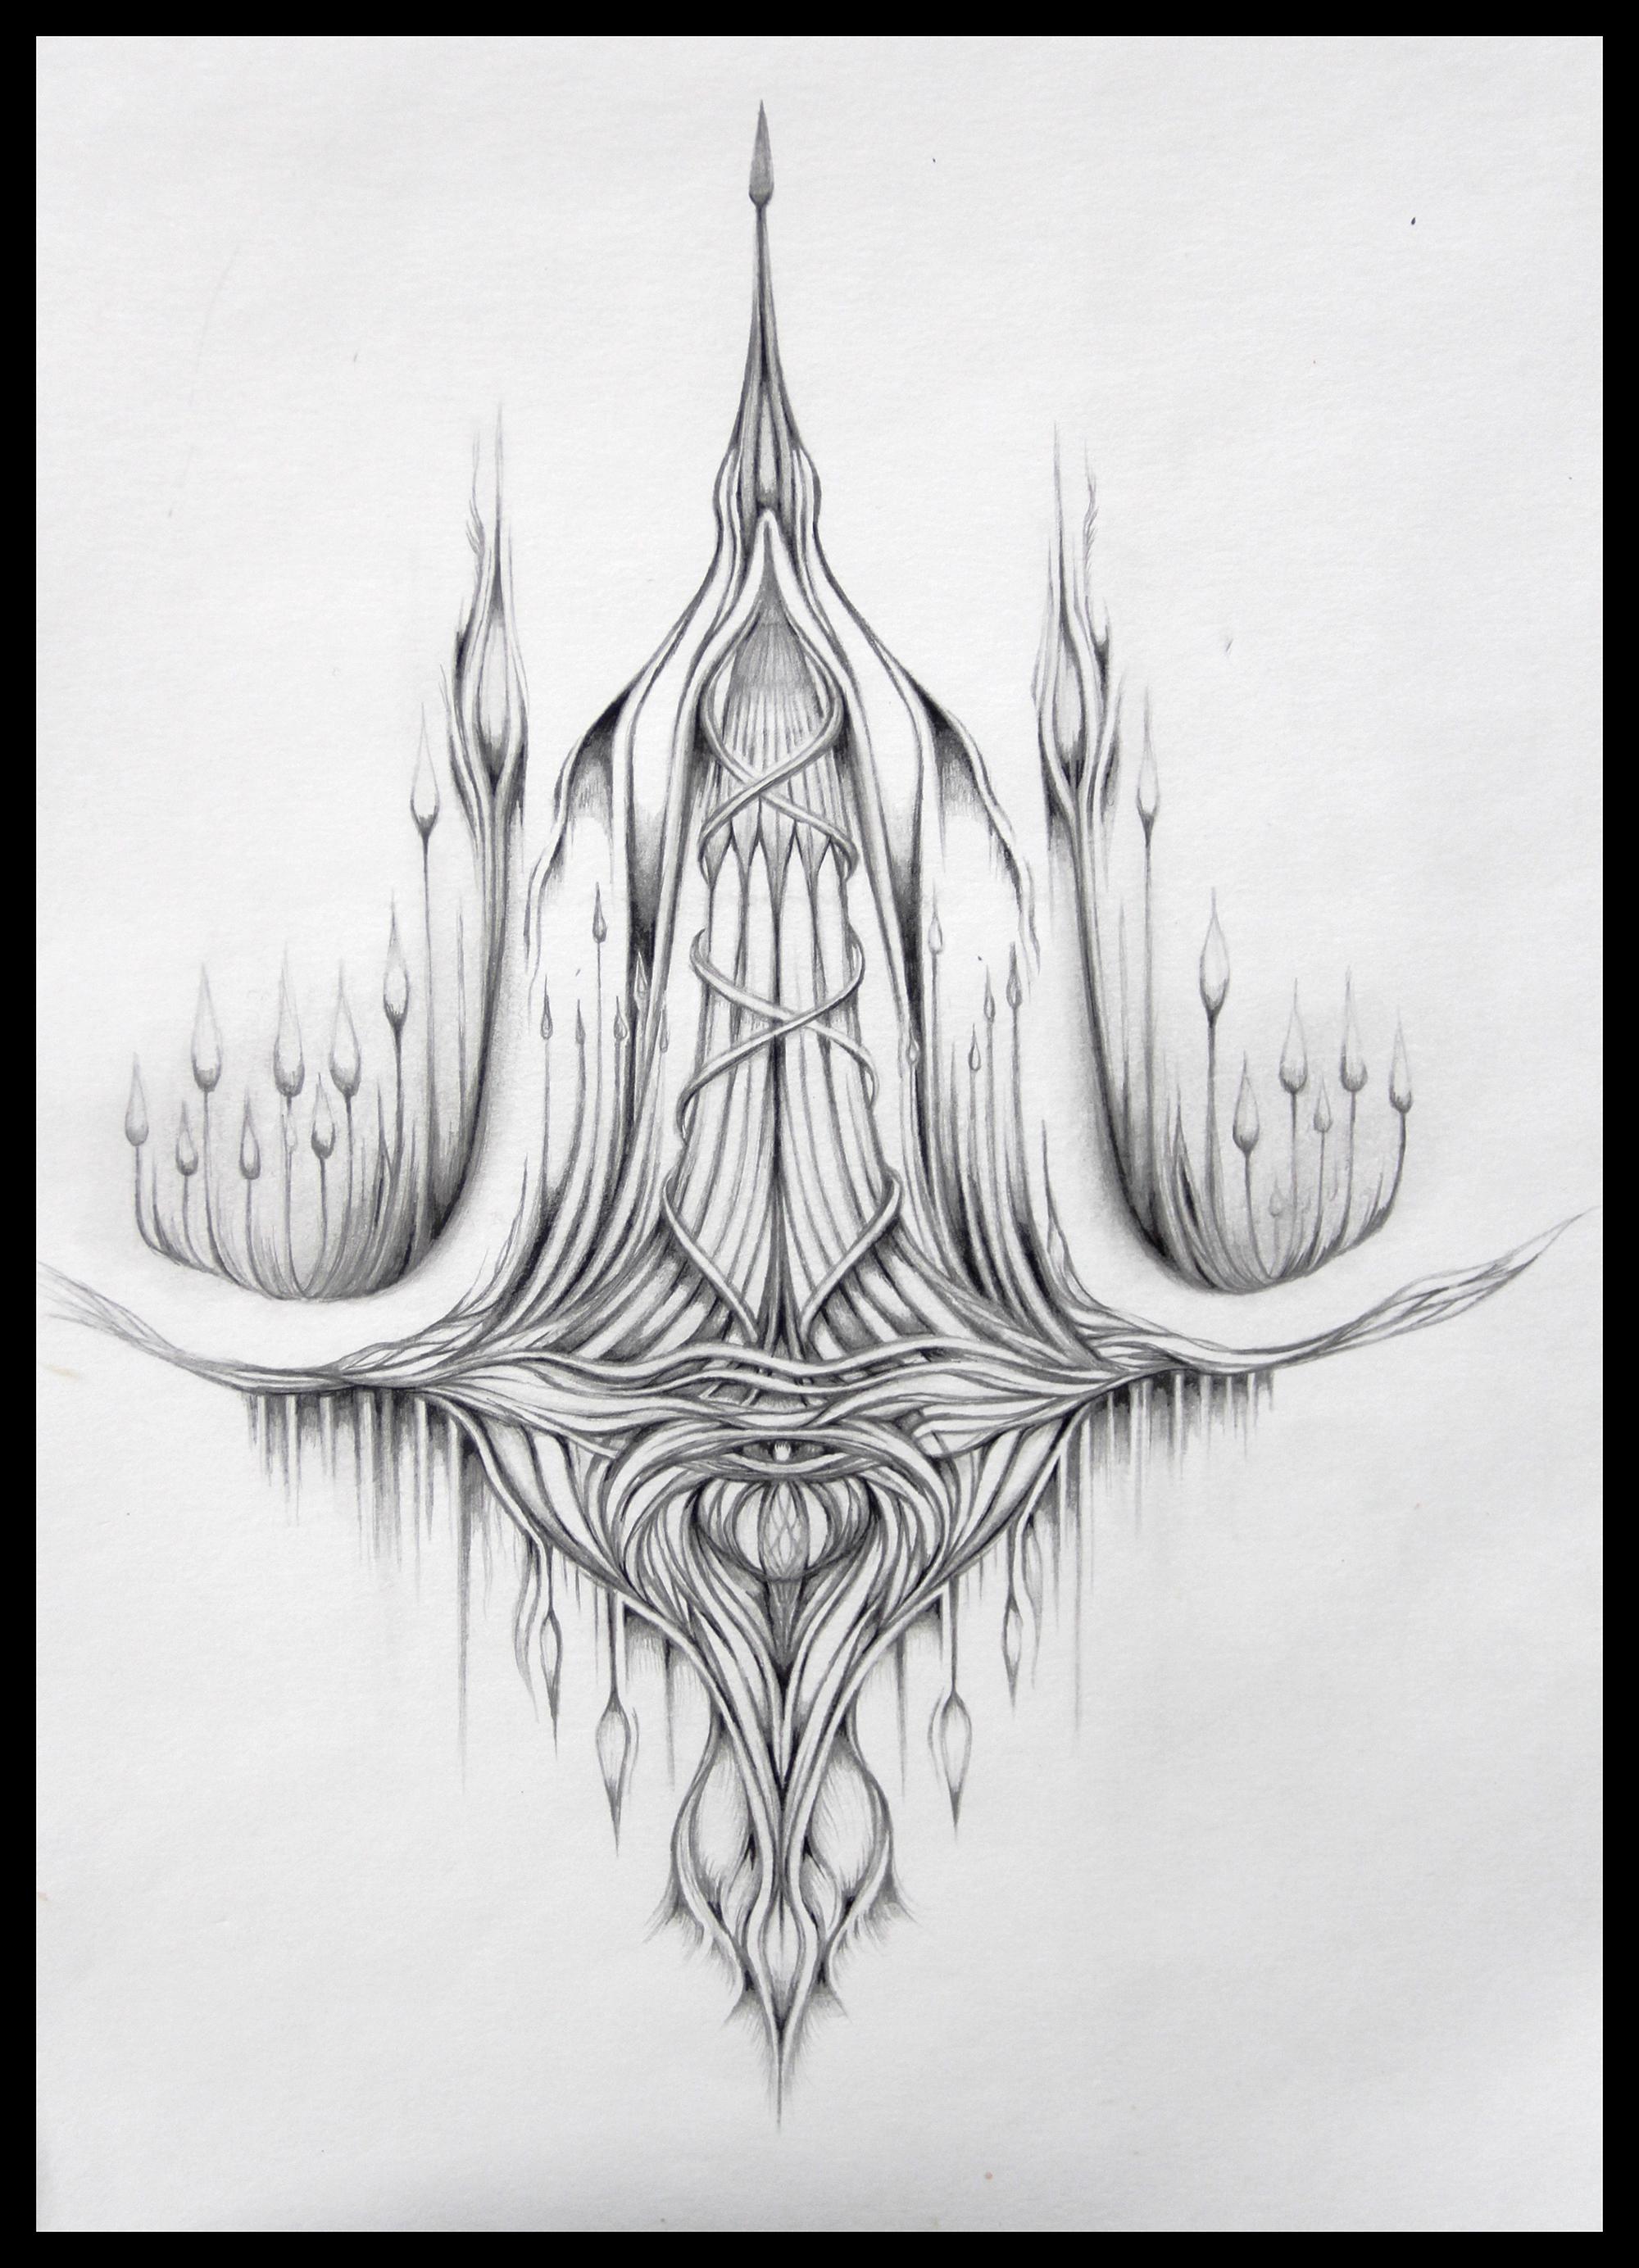 Field Sketch 9